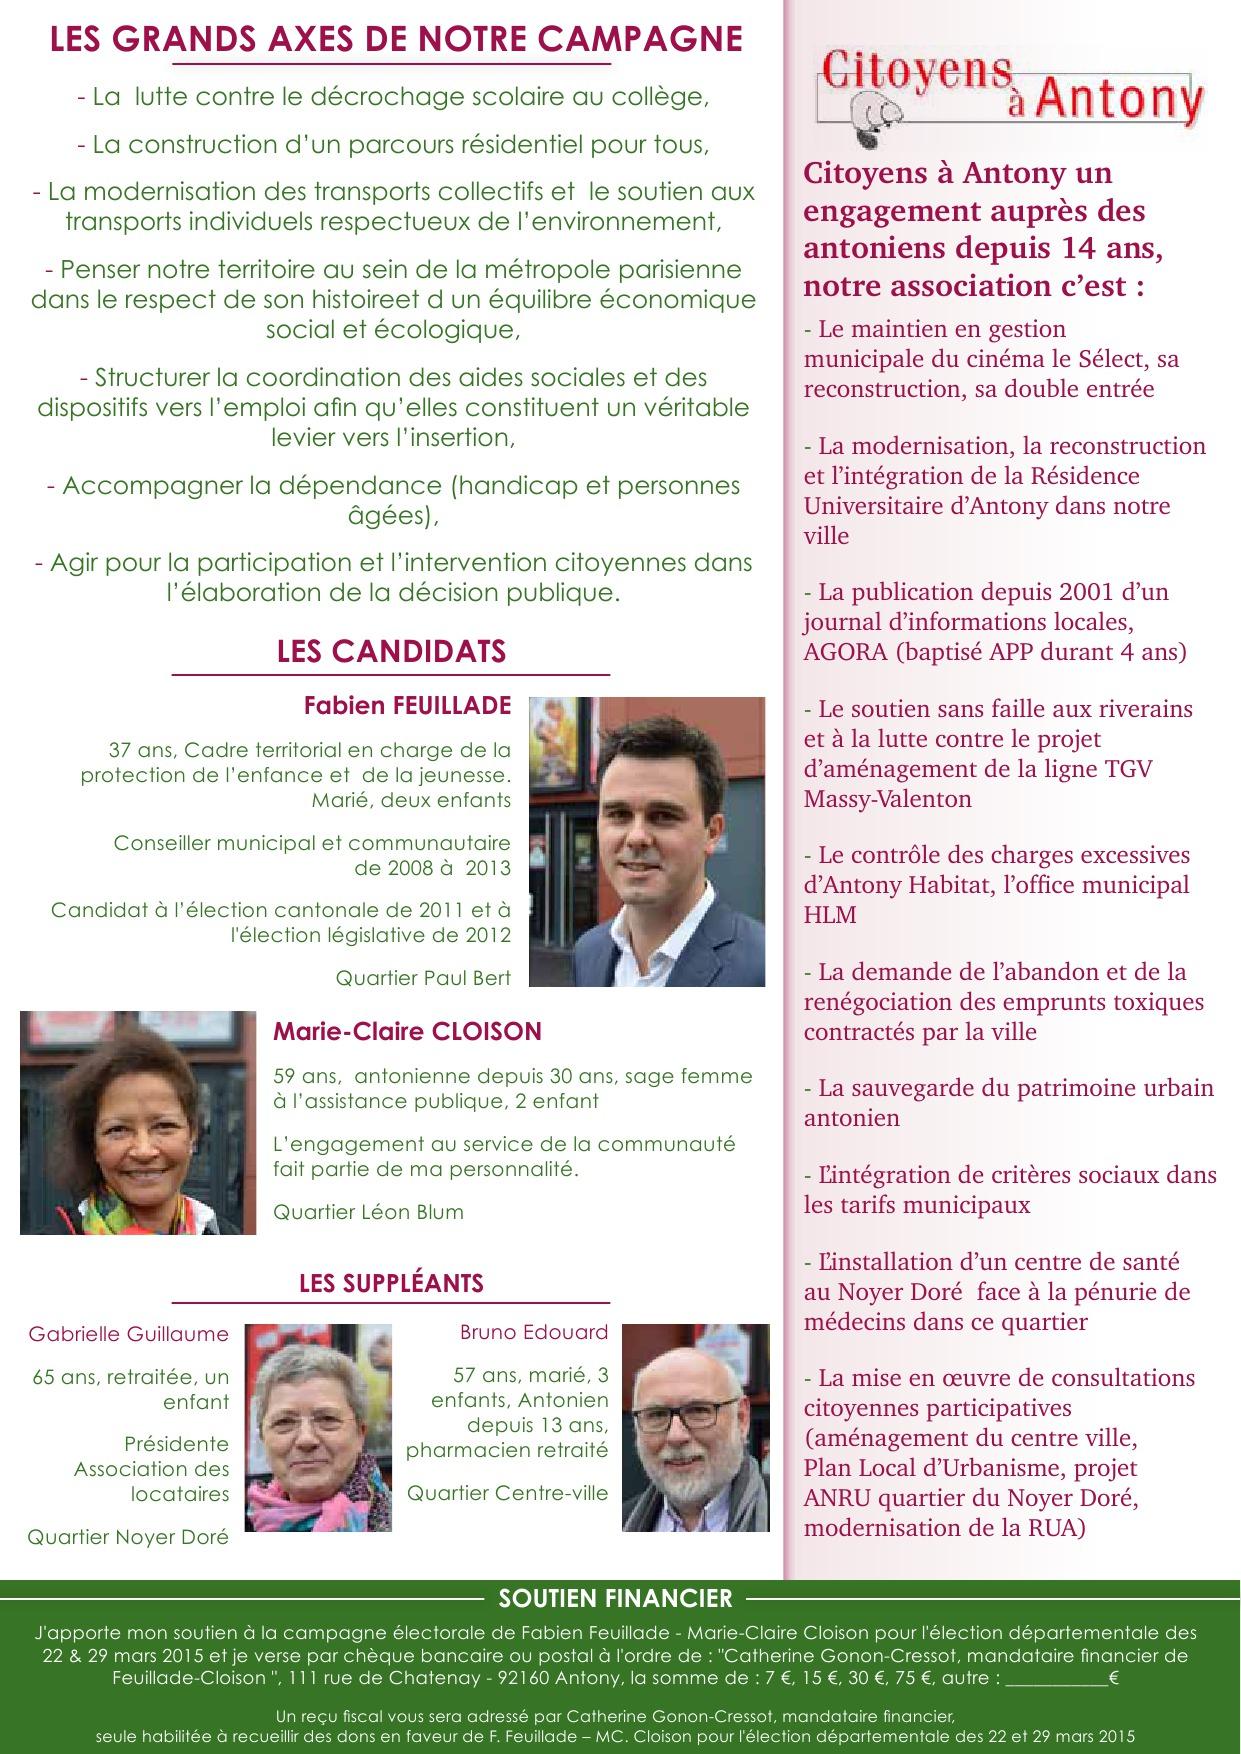 Tract de lancement de la campagne